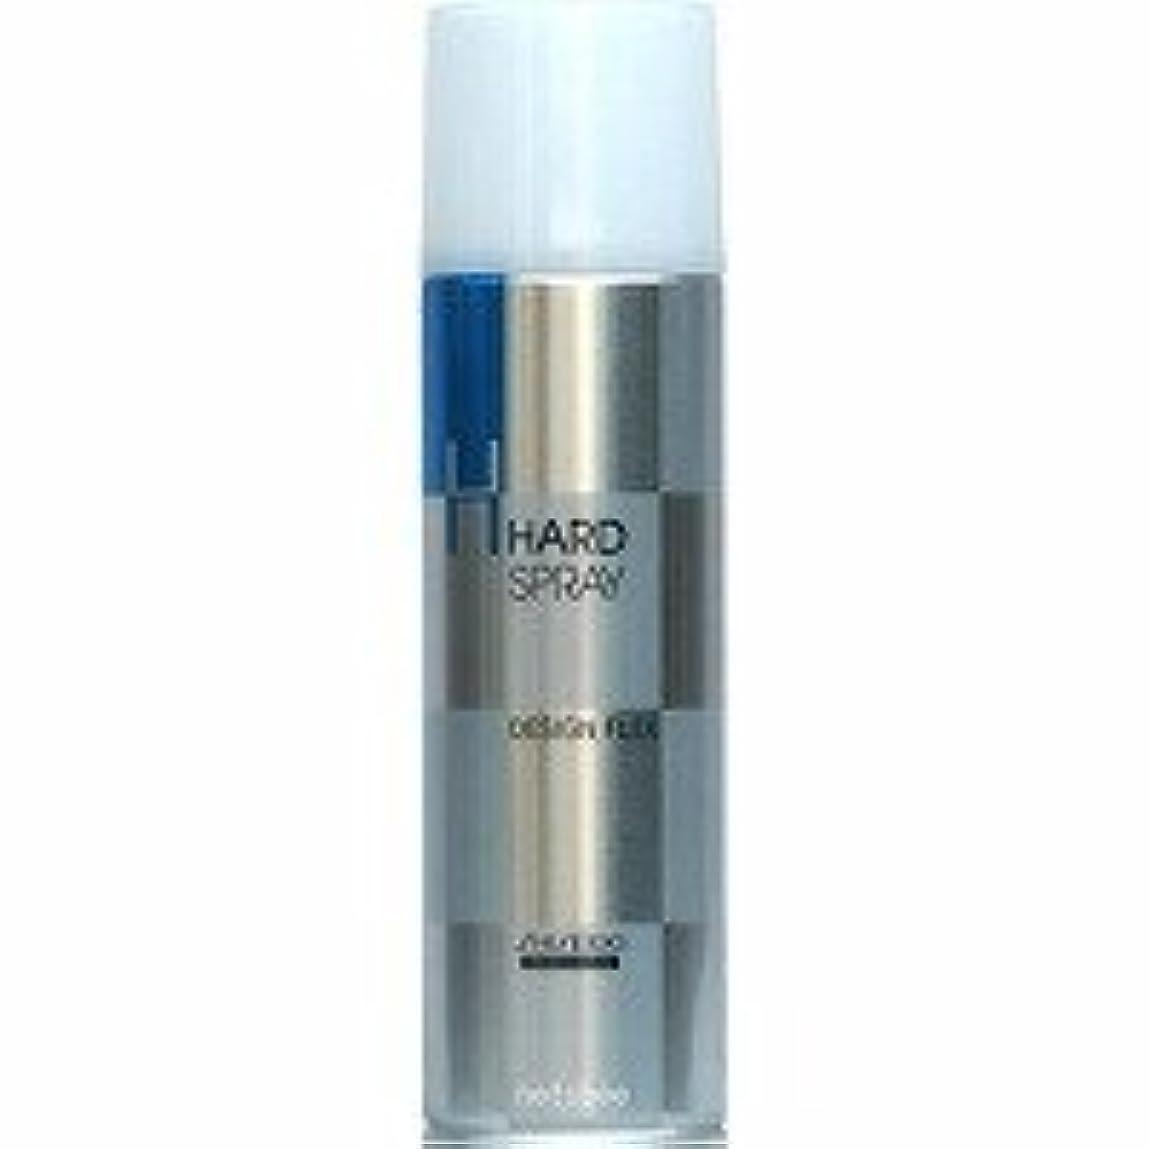 負誓う酔って【X2個セット】 資生堂プロフェッショナル デザインフレックス ハードスプレー 260g shiseido PROFESSIONAL